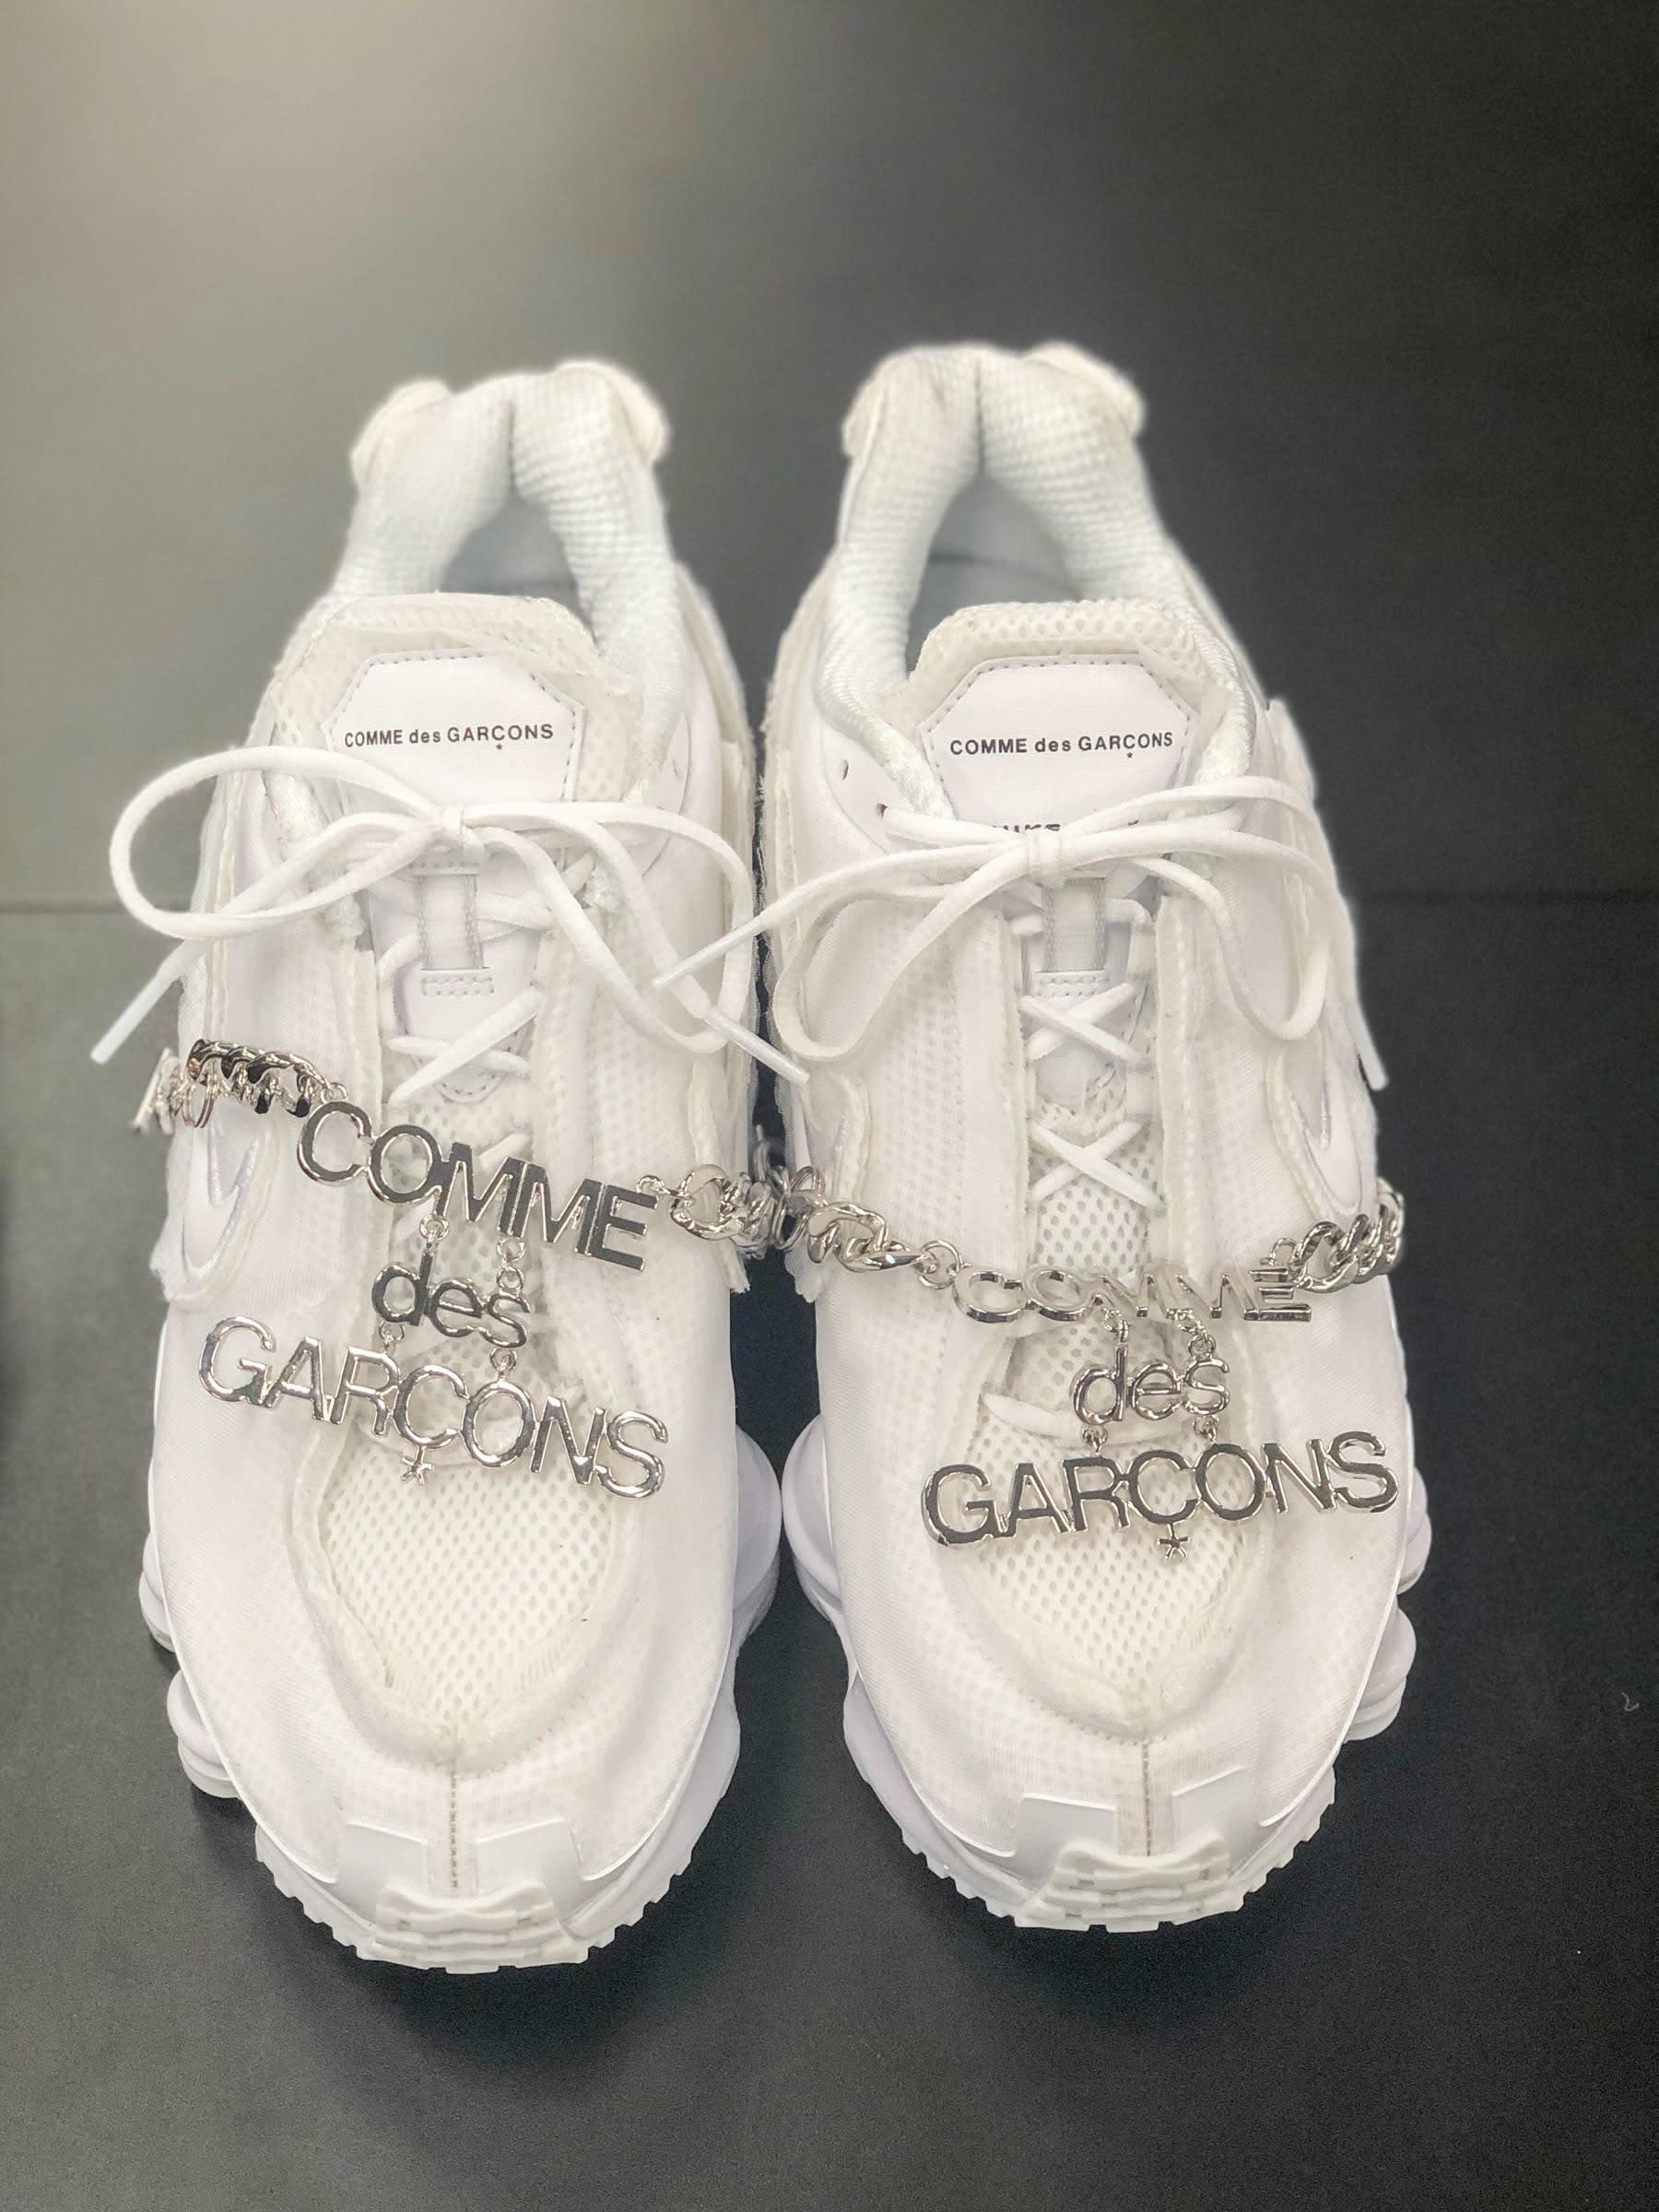 ad3acdfd1330 Comme des Garçons x Nike Shox (コム デ ギャルソン 2019年春夏コレクション展示会にて撮影)